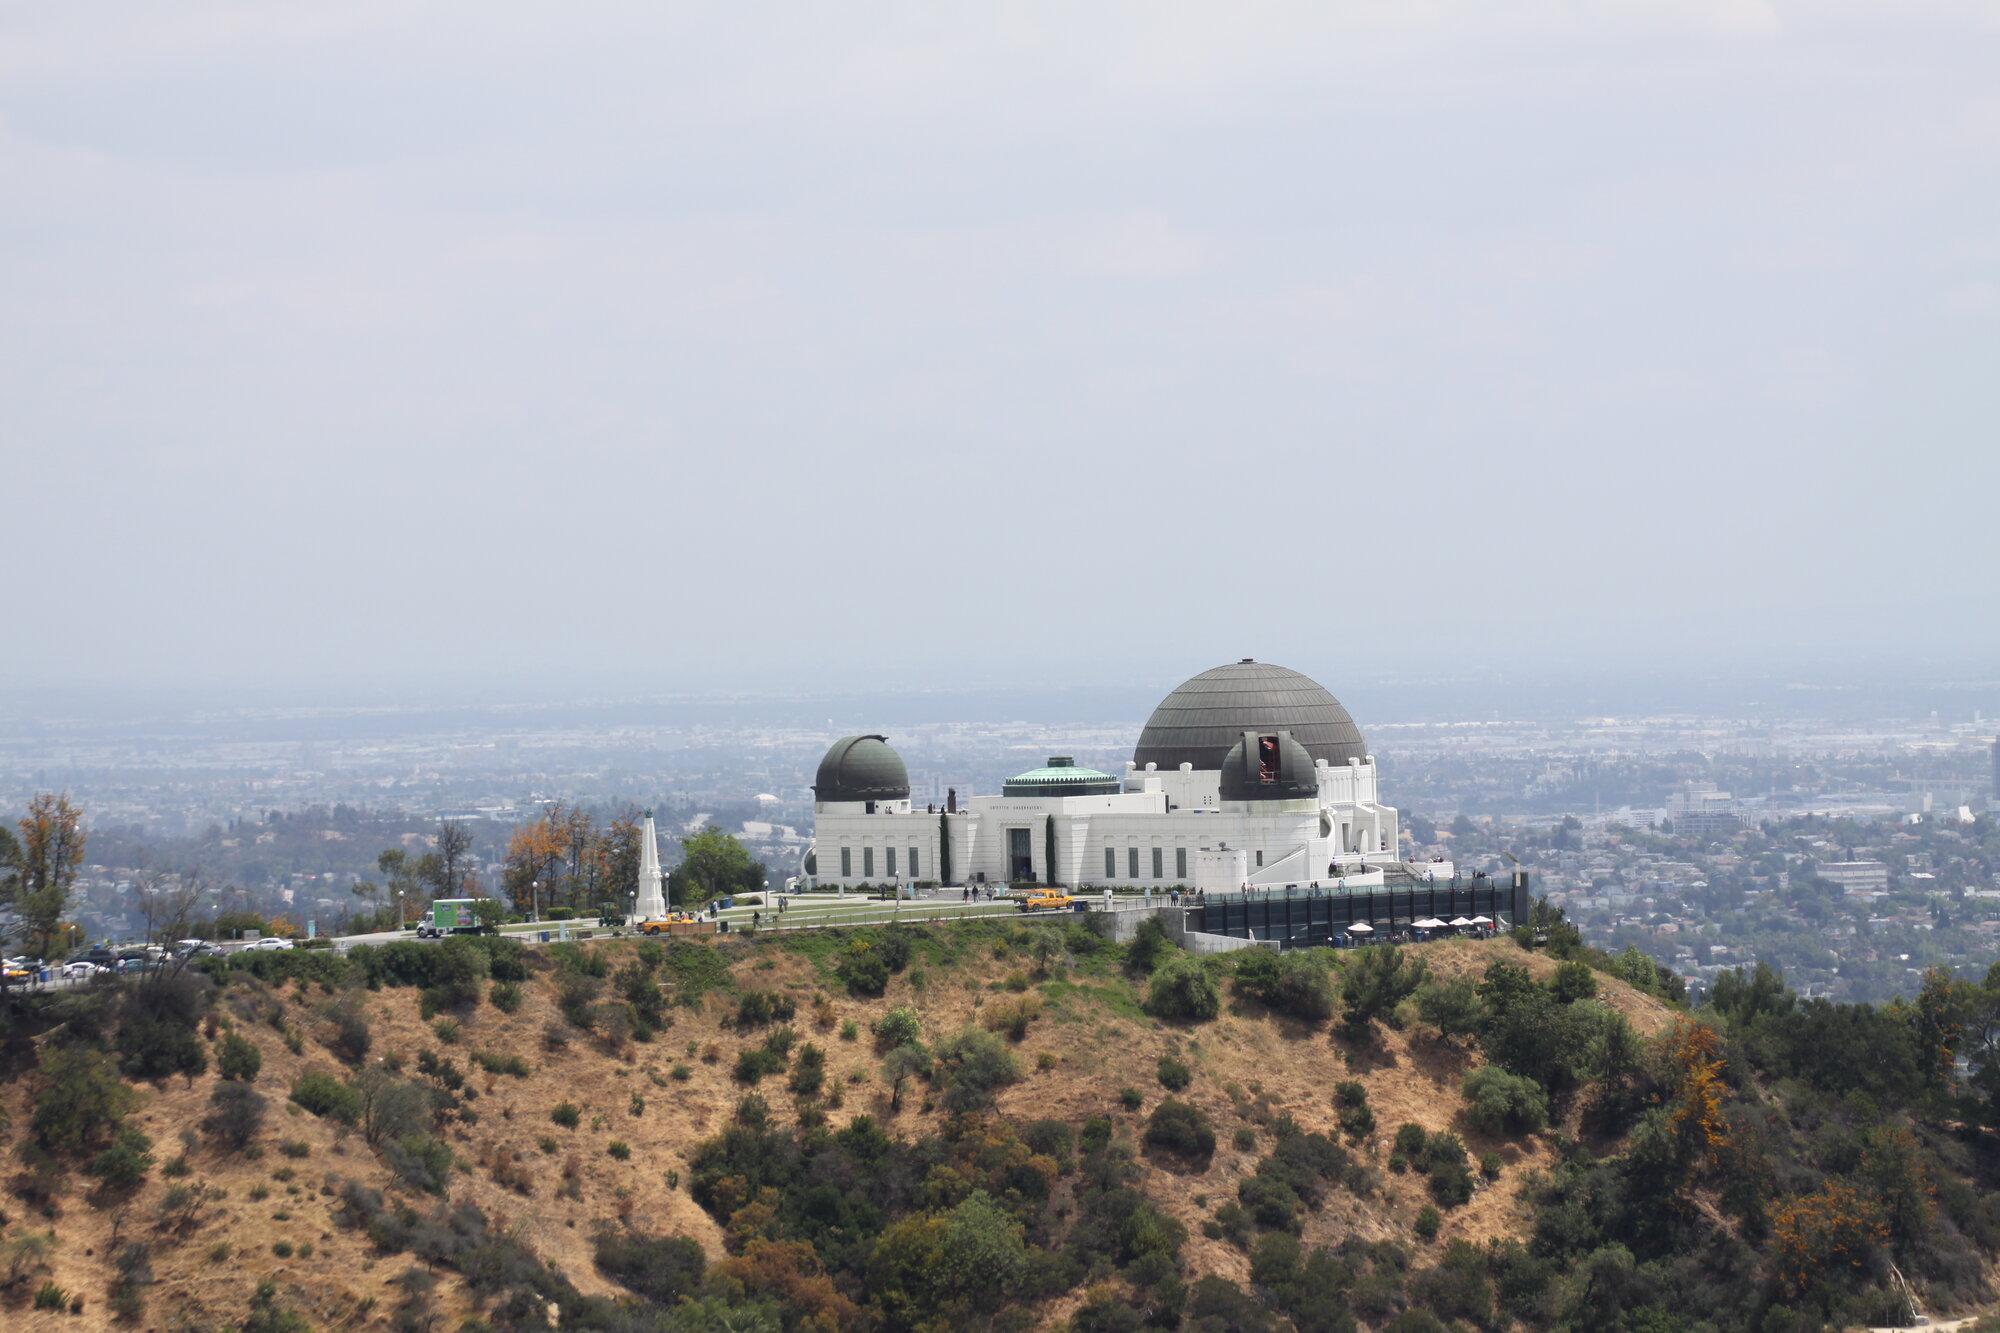 observatoř v LA